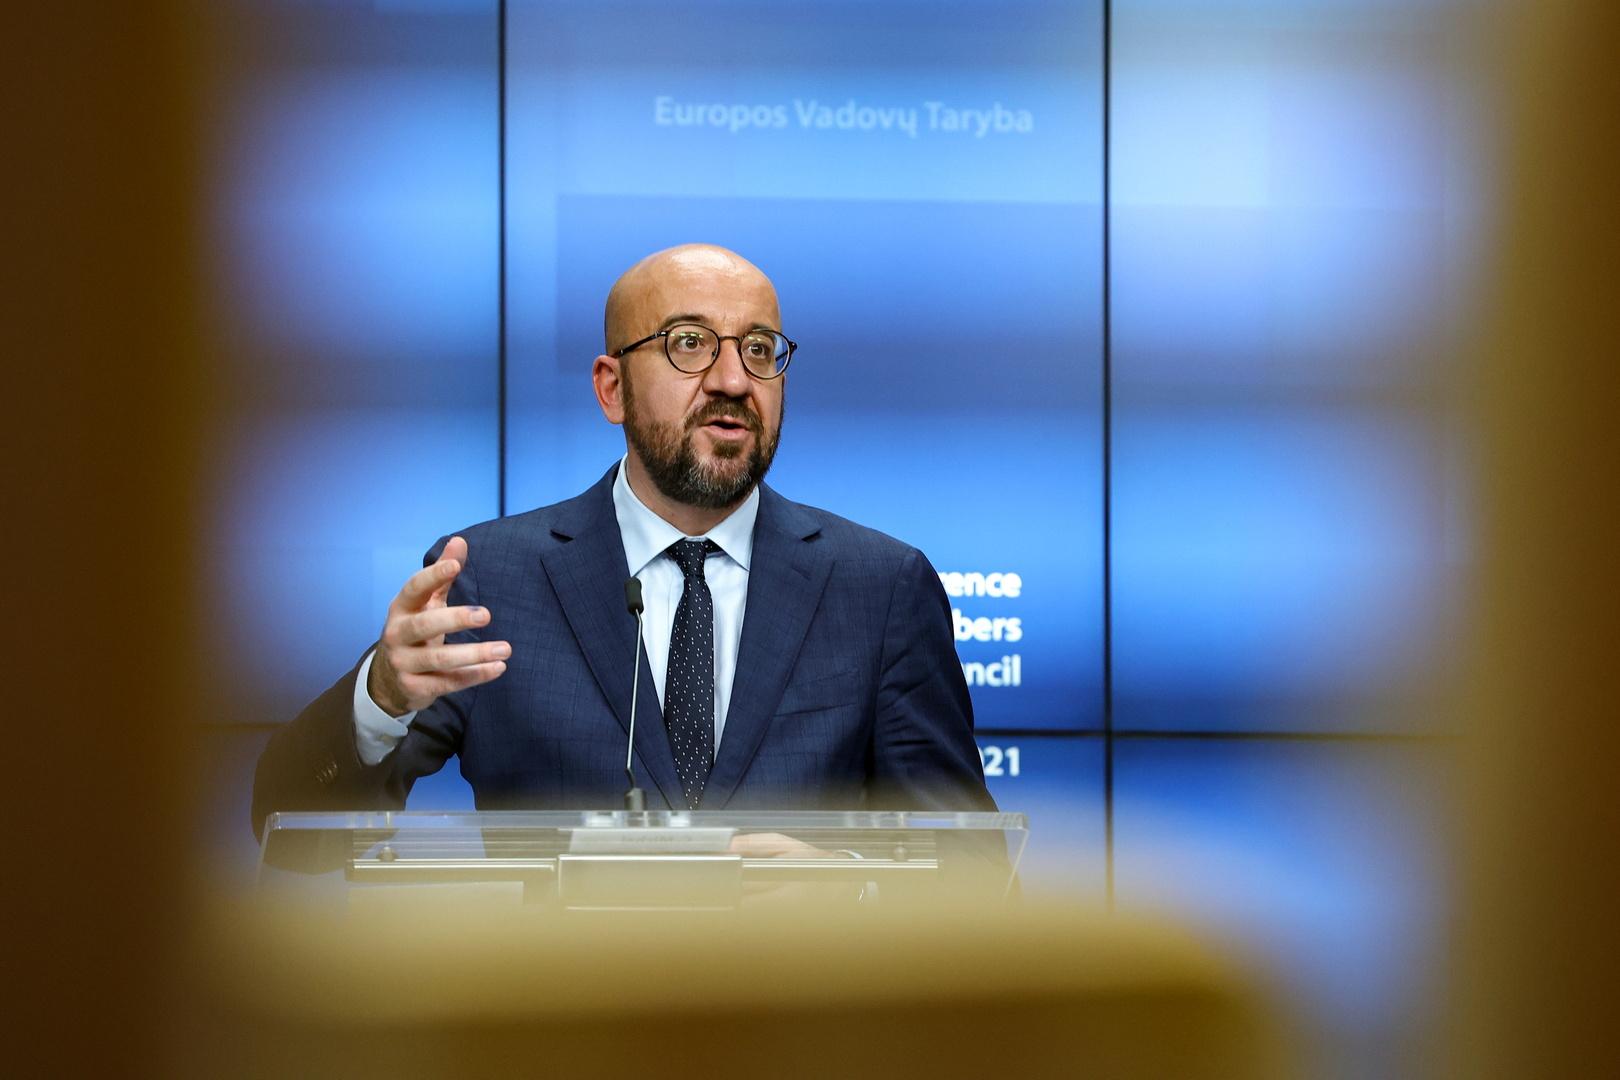 رئيس المجلس الأوروبي: ثمة خلافات داخل الاتحاد بشأن